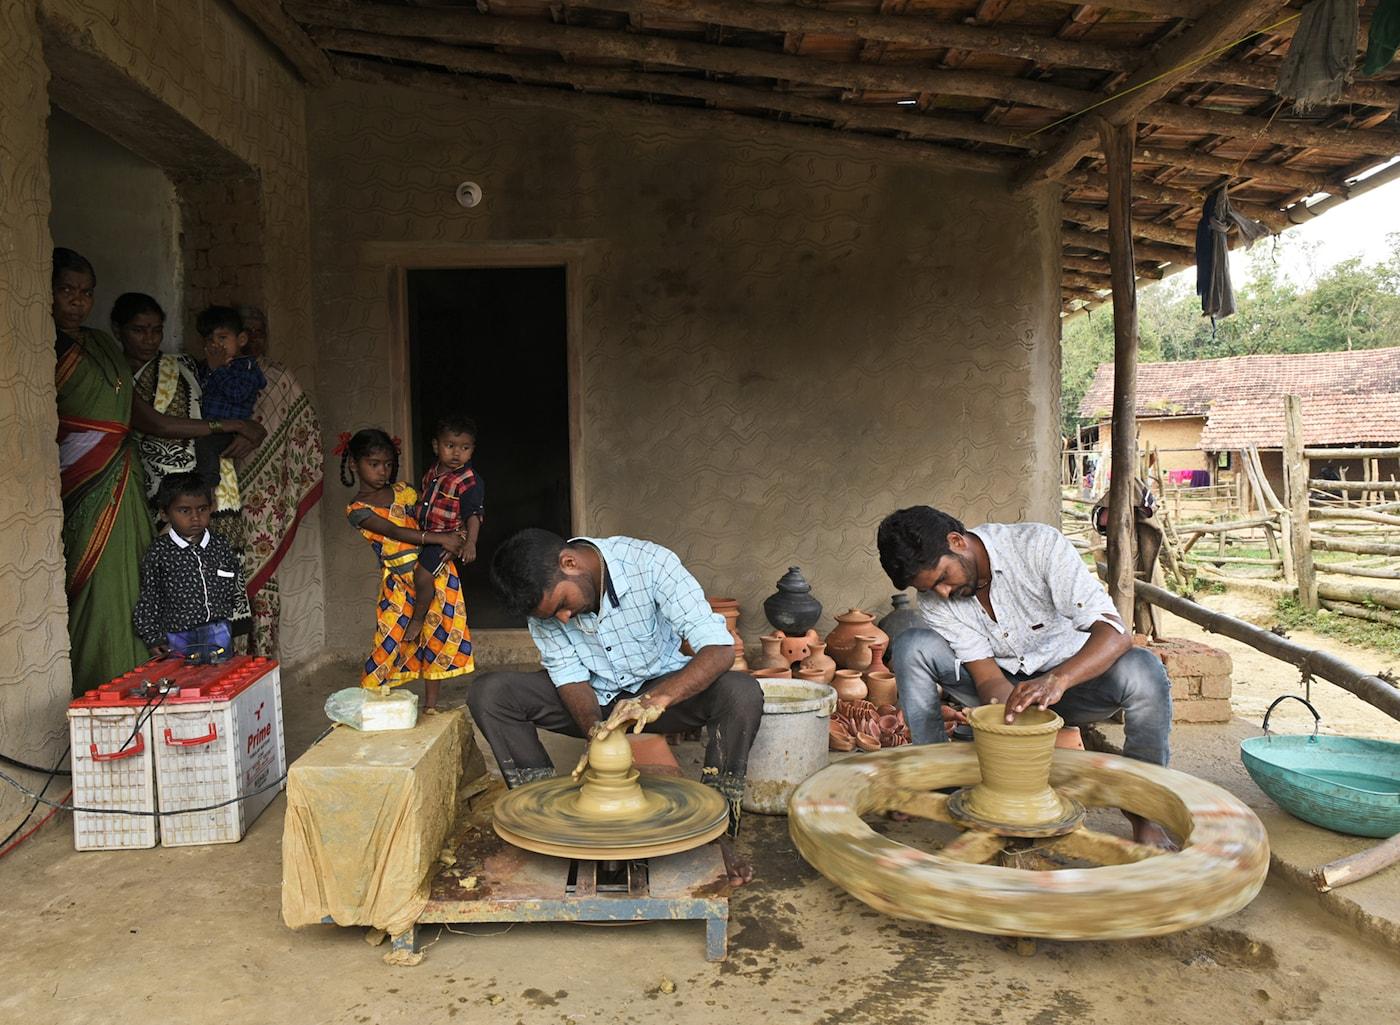 Dvaja indickí hrnčiari pracujú na hrnčiarskych kruhoch, zatiaľ čo ich pozorujú ostatní dedinčania.